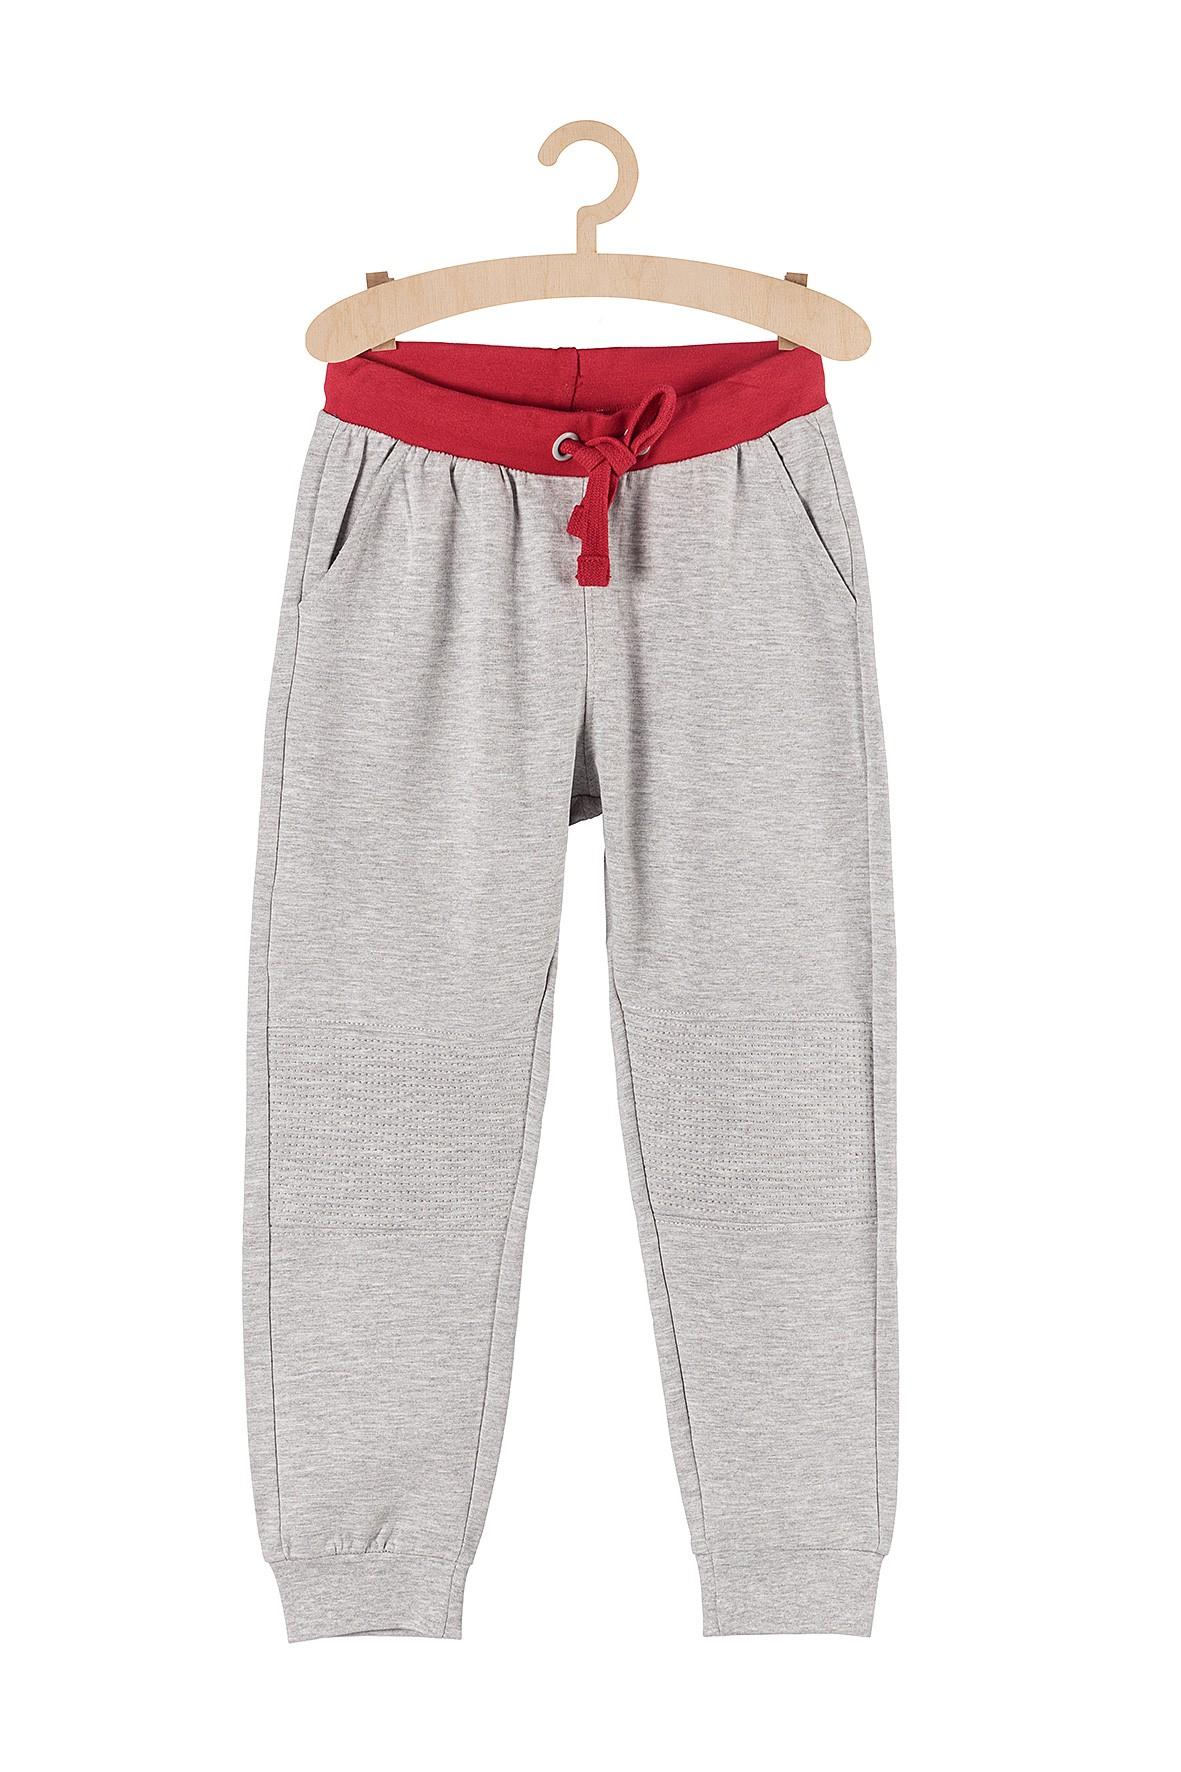 Spodnie chłopięce dresowe szare z przeszyciami na kolanach